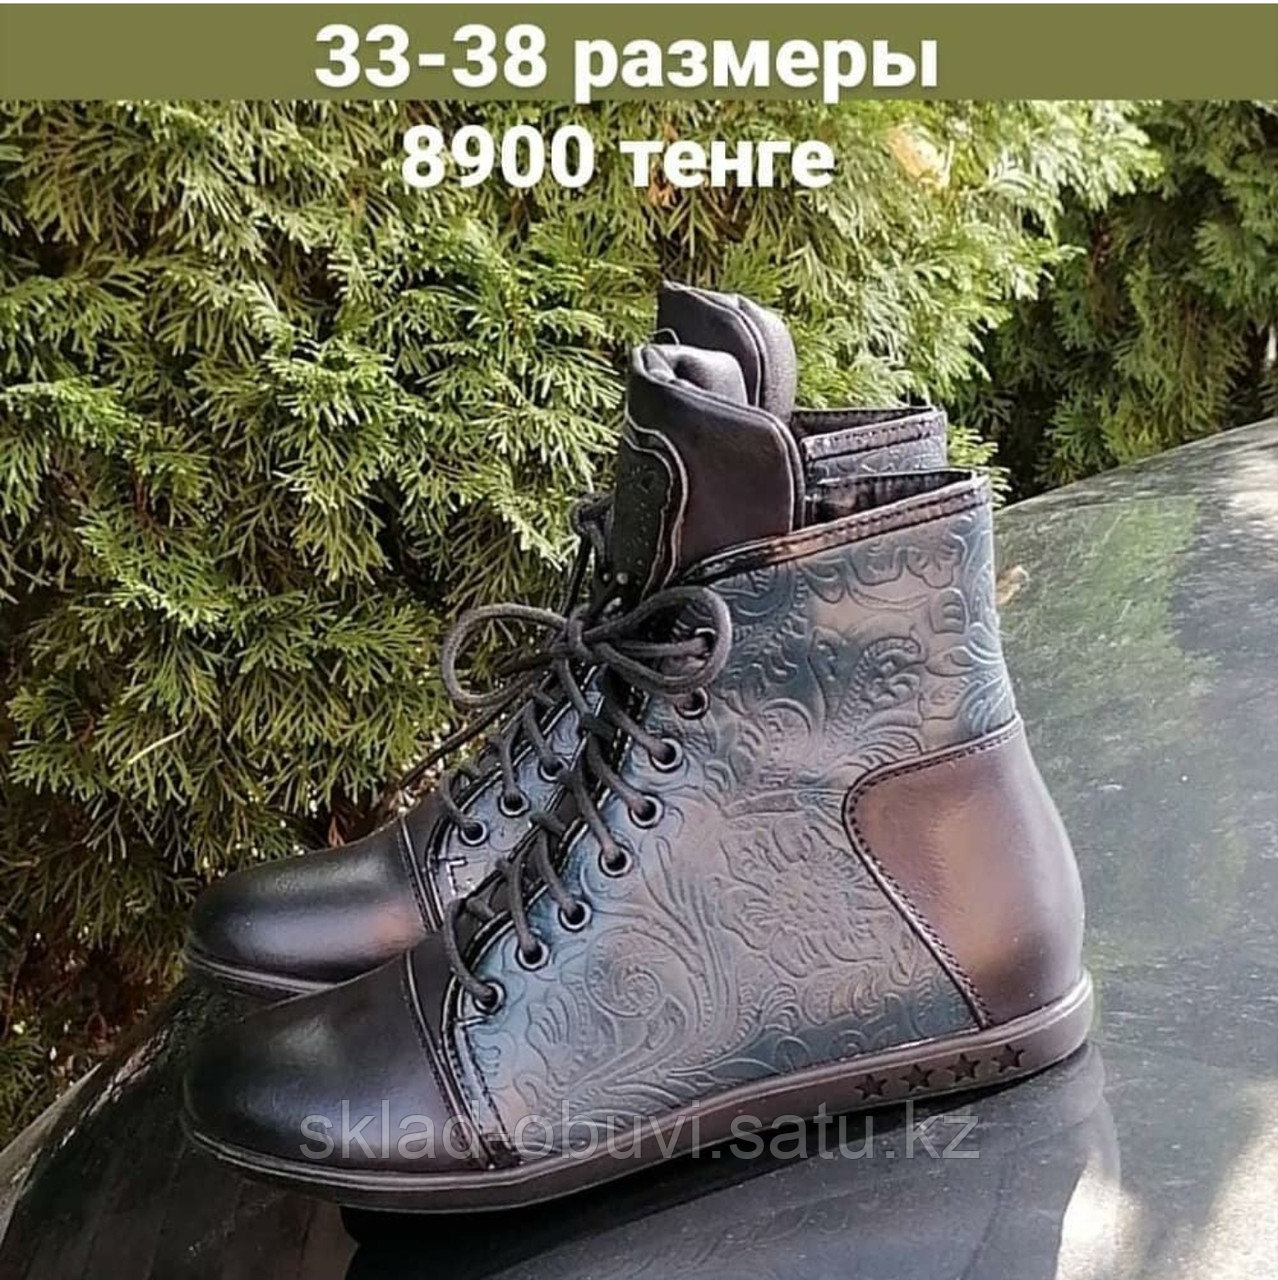 Детские утепленные ботинки на весну - фото 7